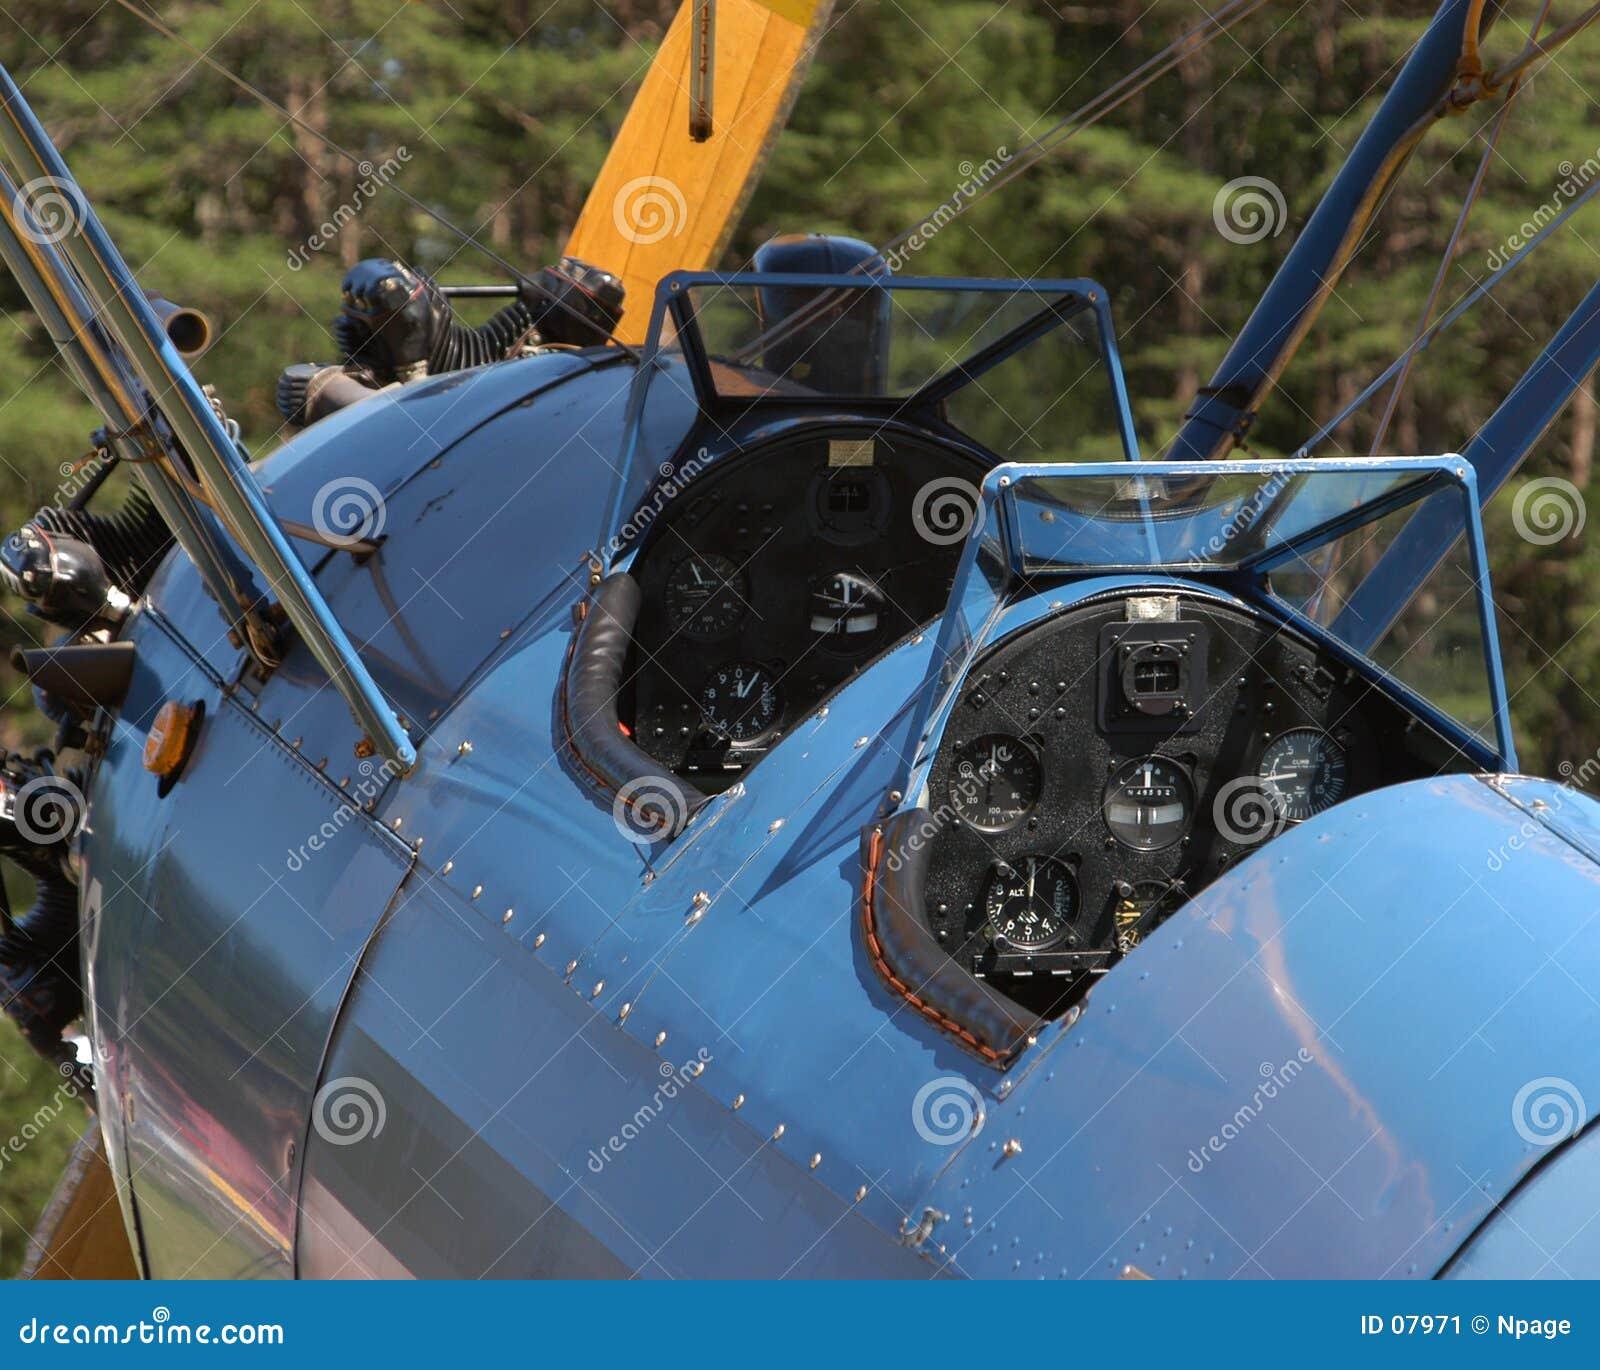 Biplane cockpit vintage